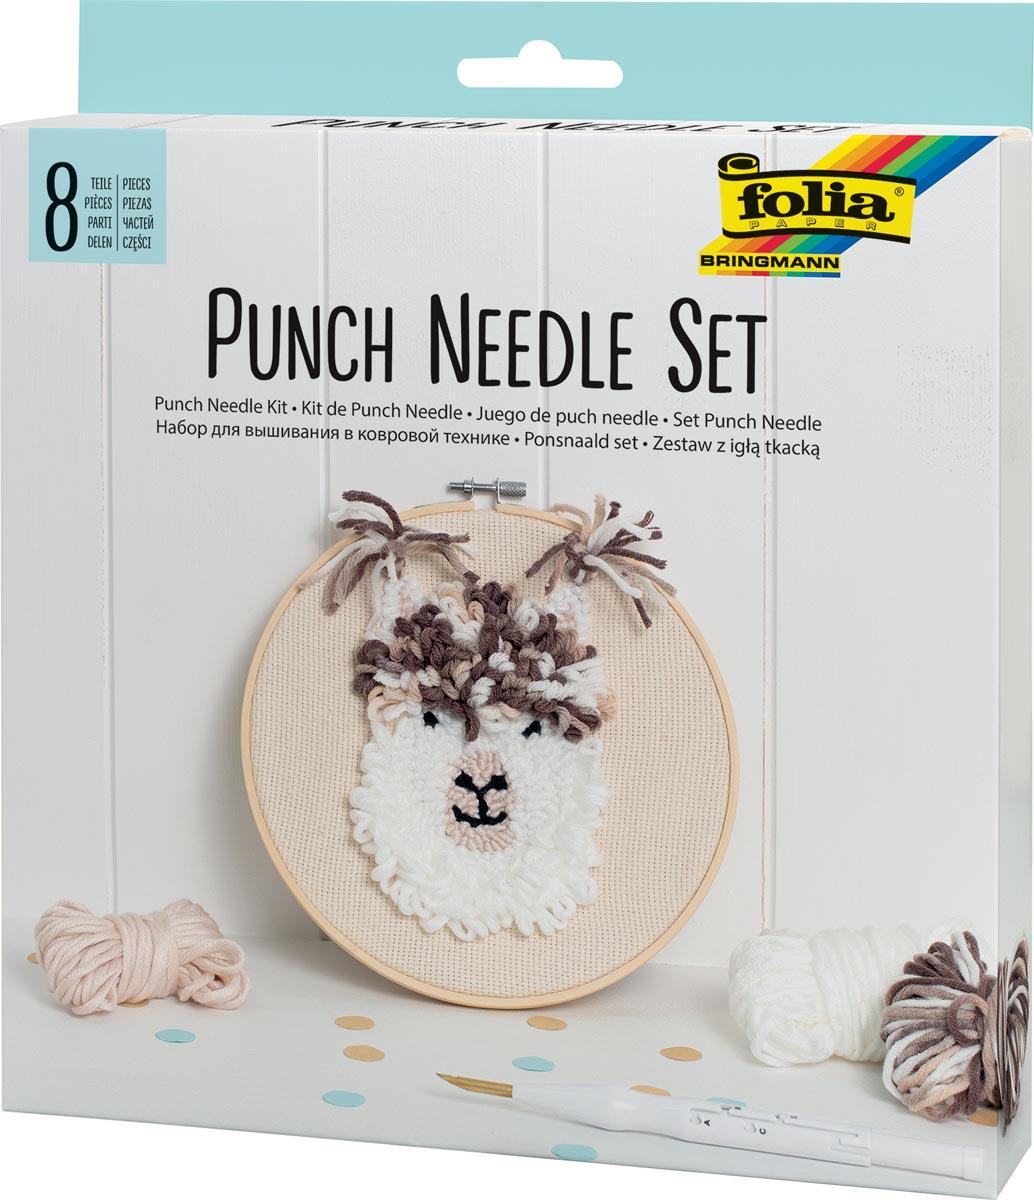 Folia Punch Needle set